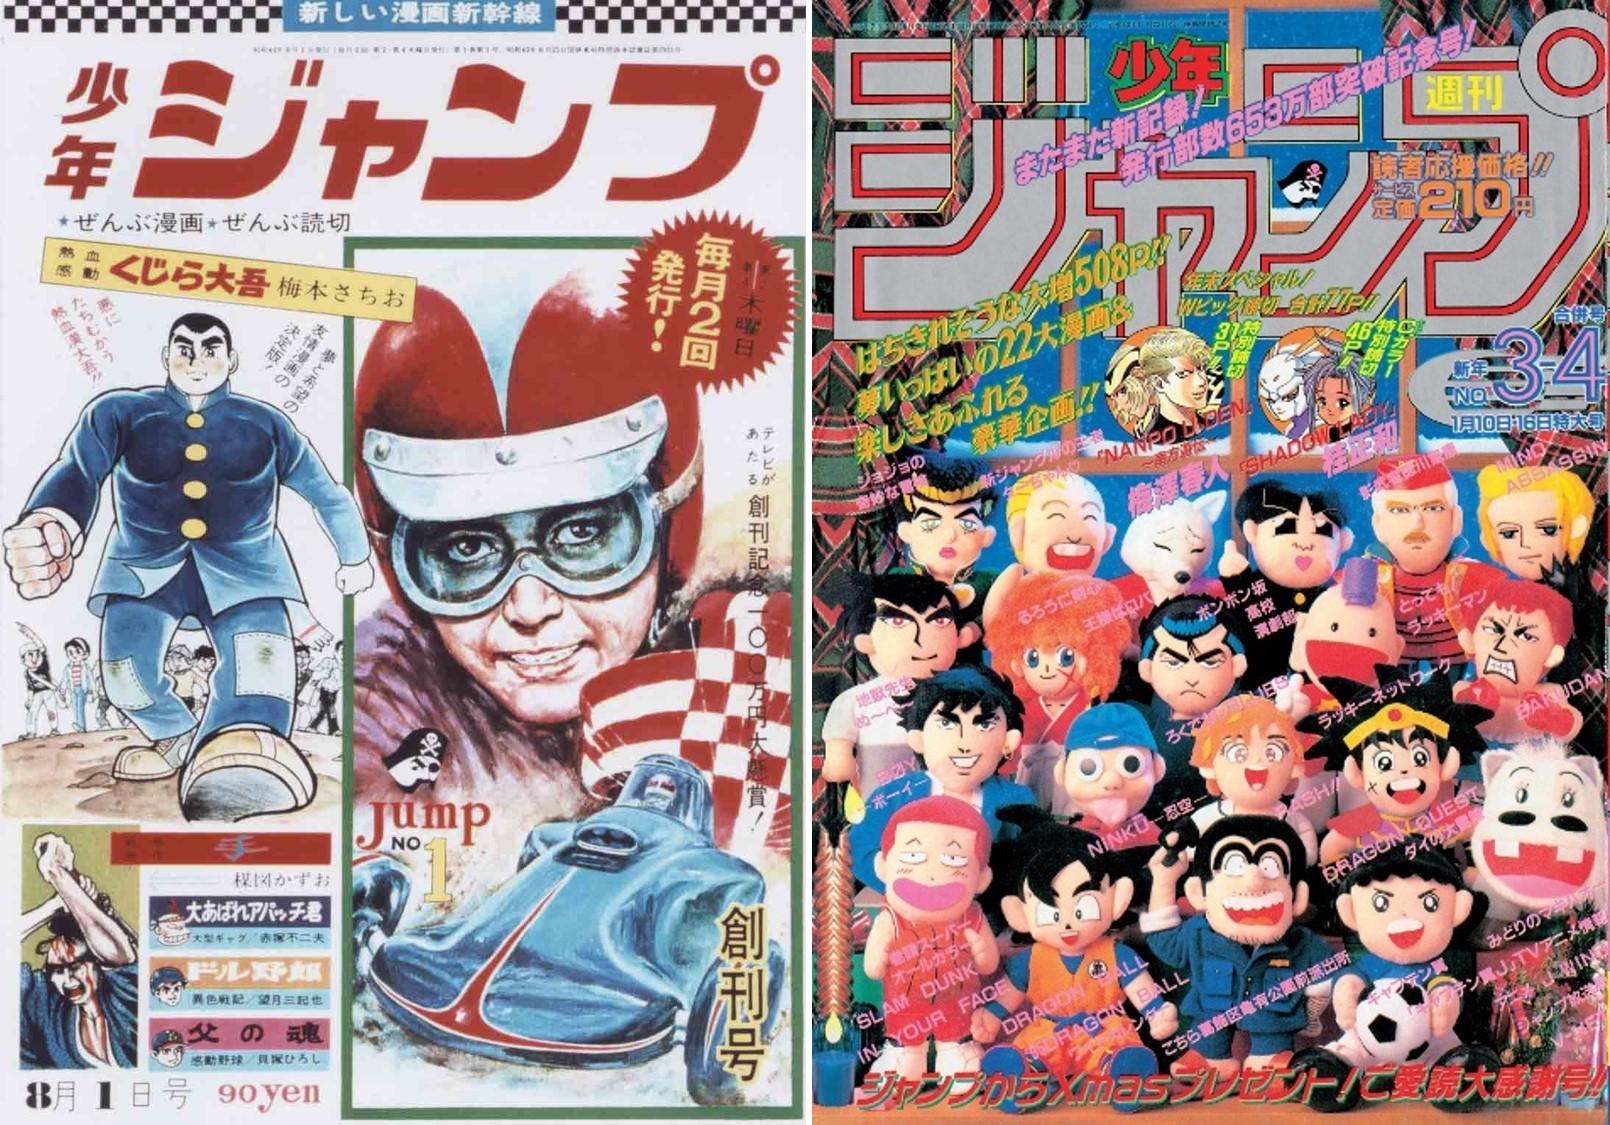 伝説の作品がそのまま甦る「復刻版 週刊少年ジャンプ」始動 第1弾は創刊号と最大発行部数号の2冊セットのサムネイル画像